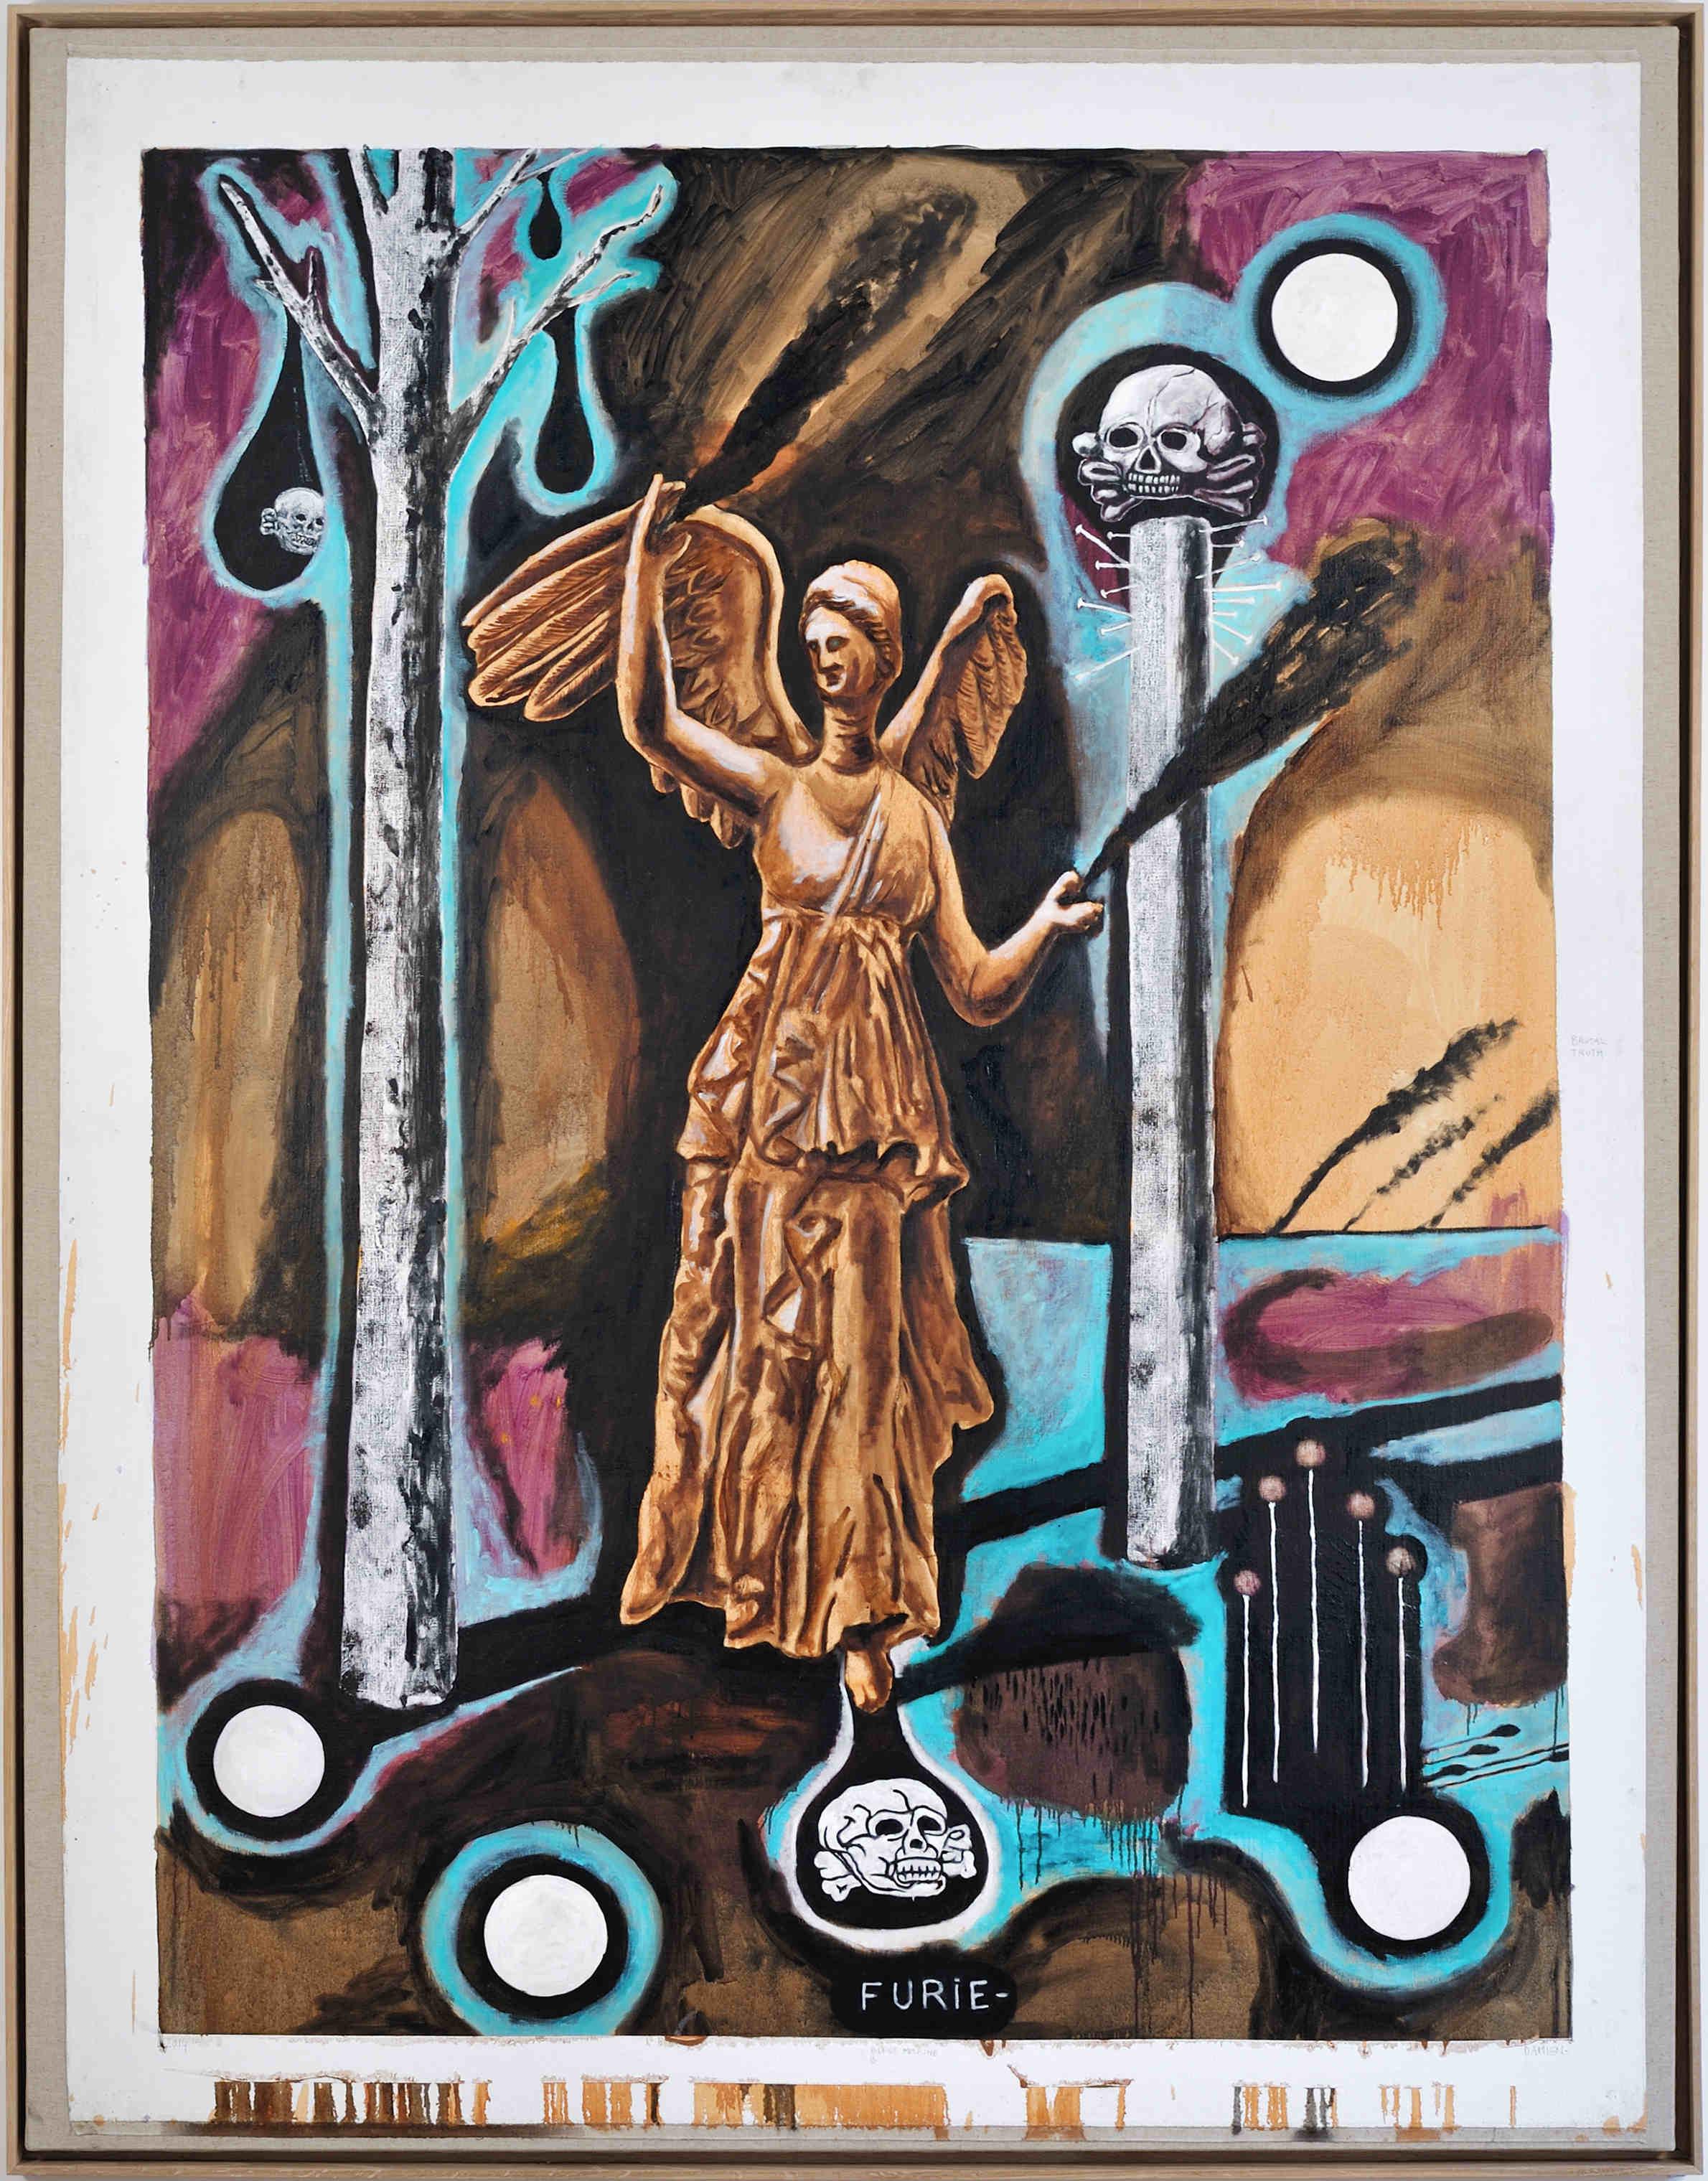 Furie, huile sur toile (224 x 178 cm)